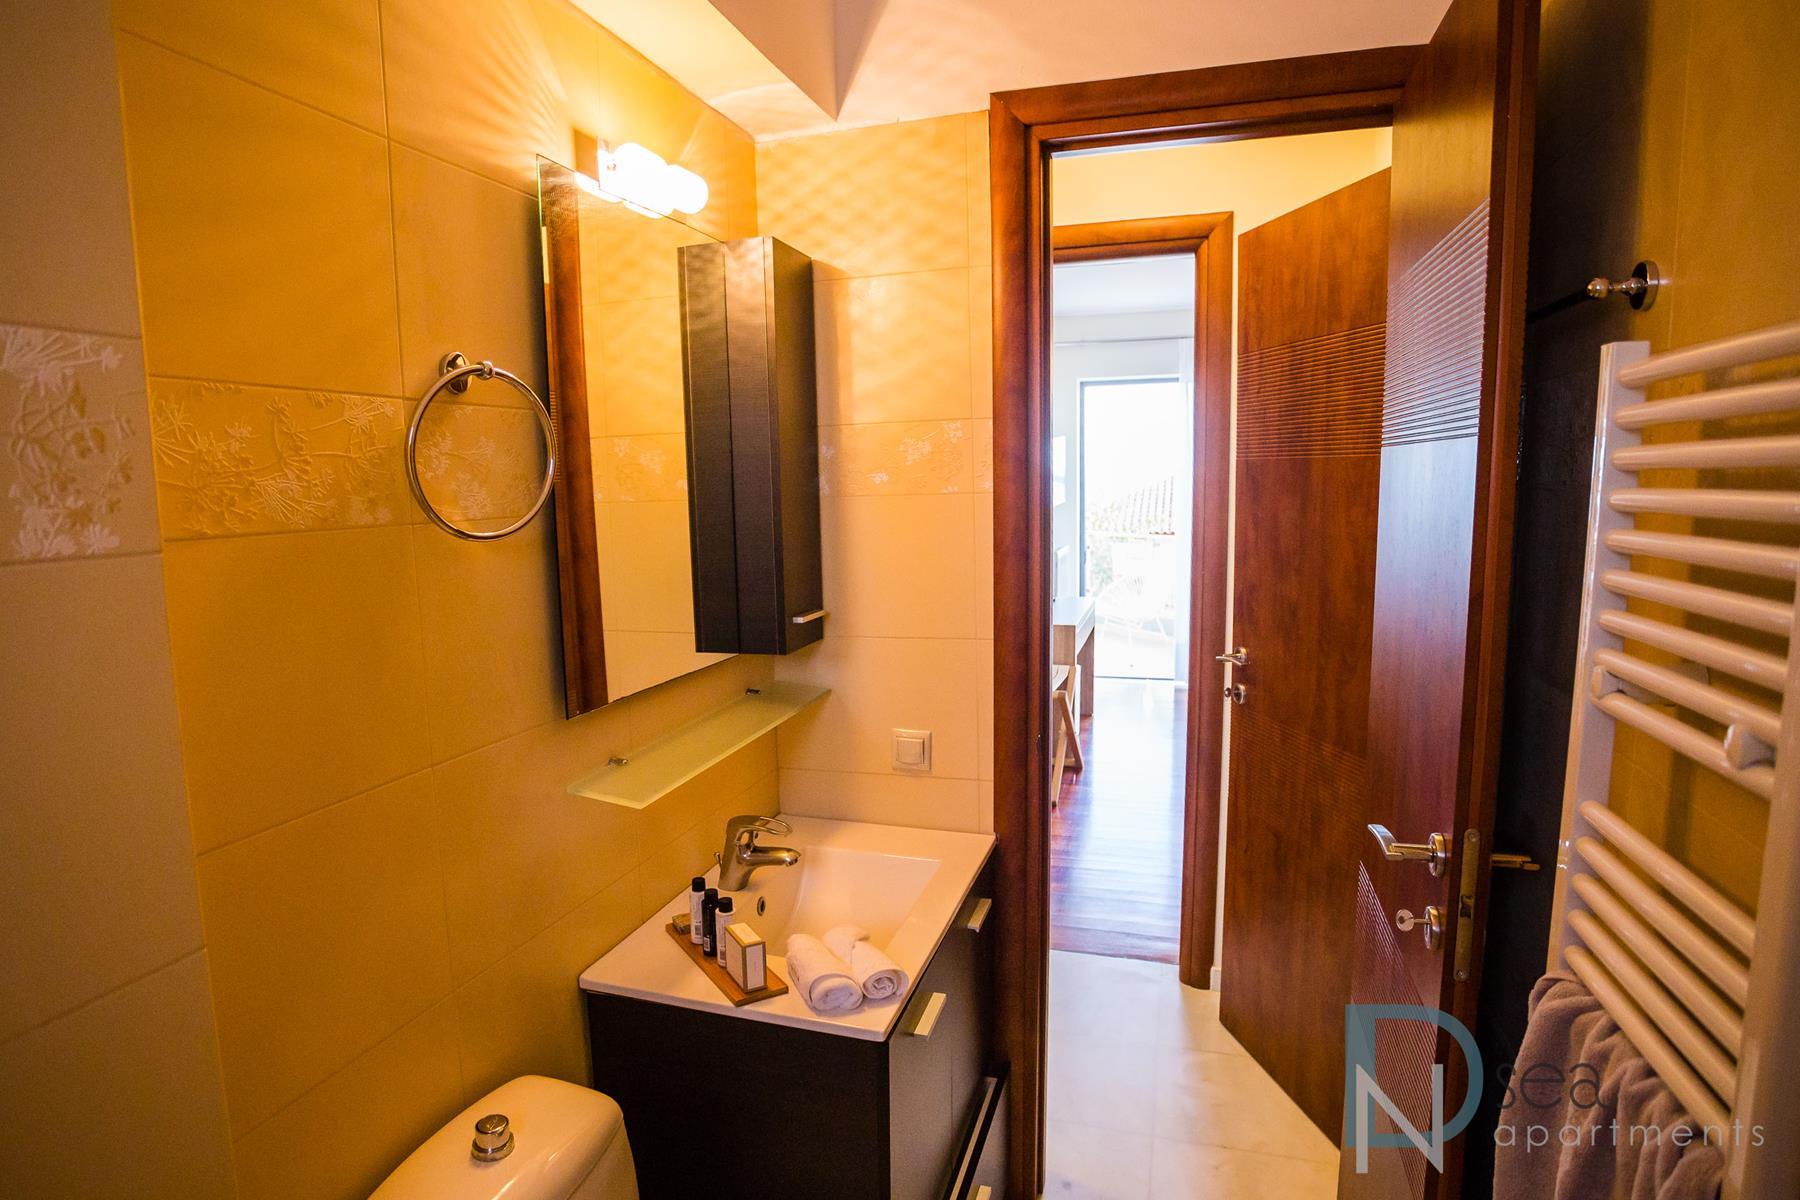 διαμονη καλαμάτα μεσσηνια - DN Sea Apartments